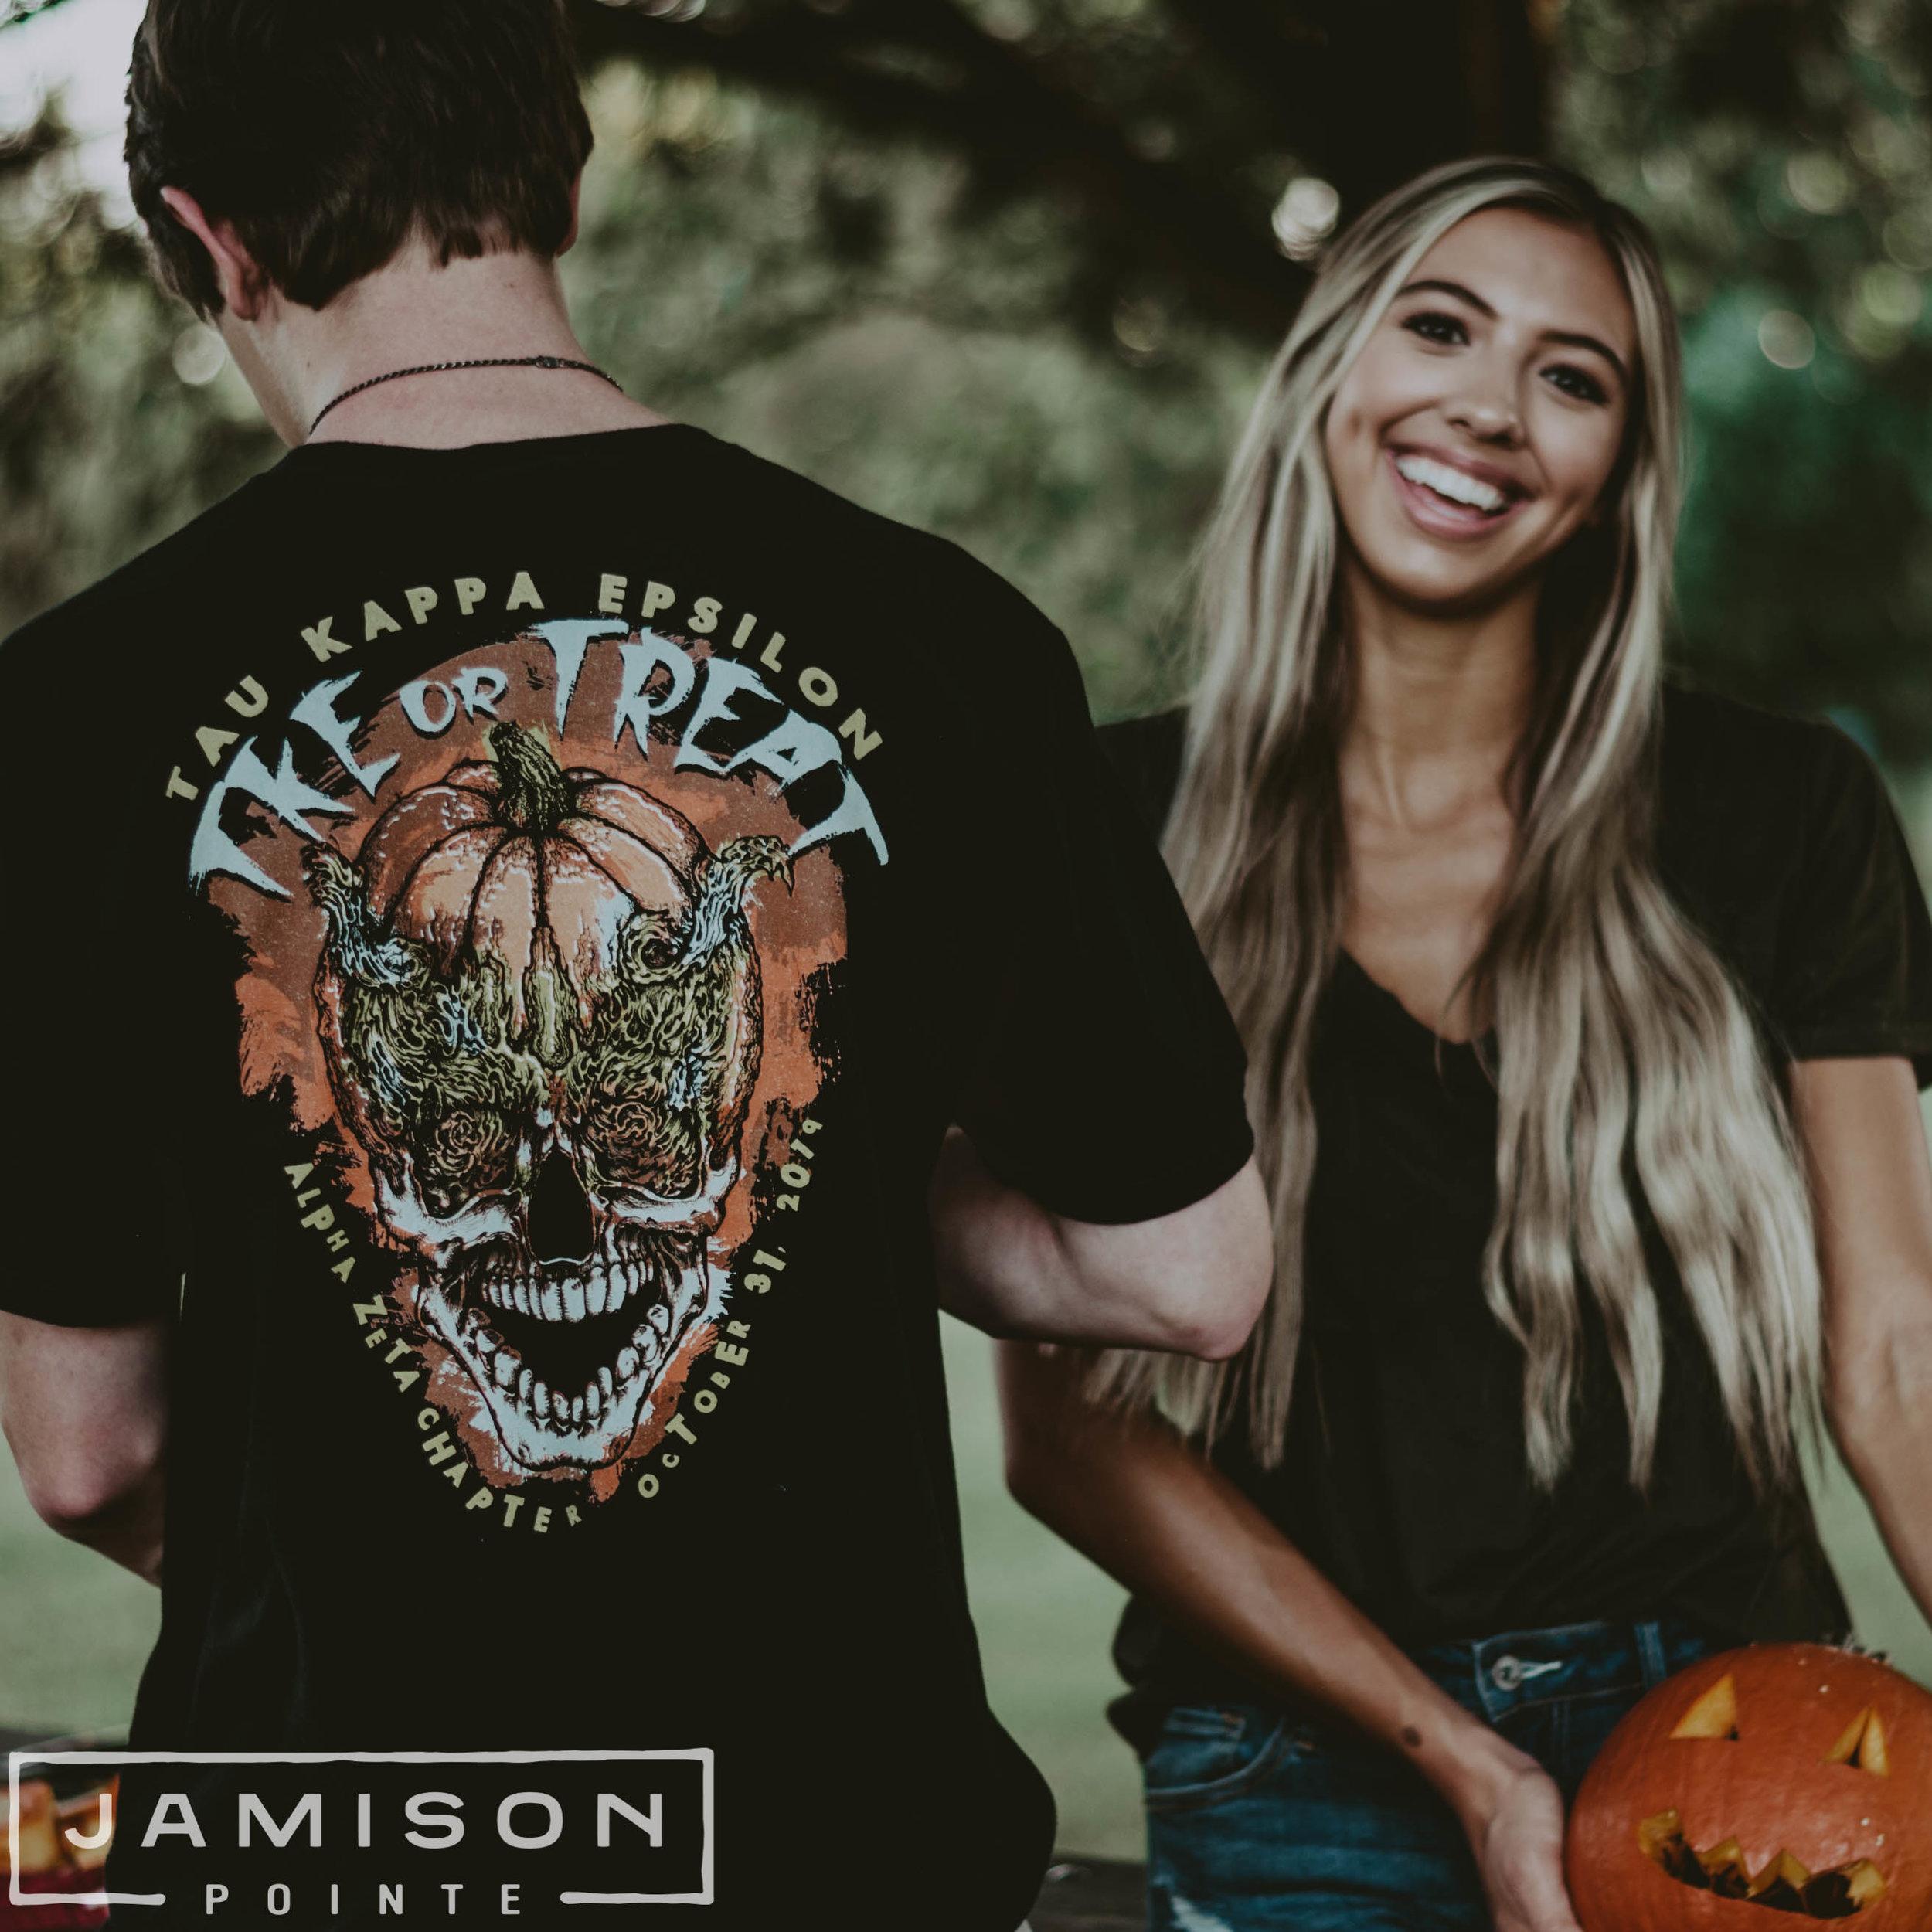 Tke or Treat T-shirt